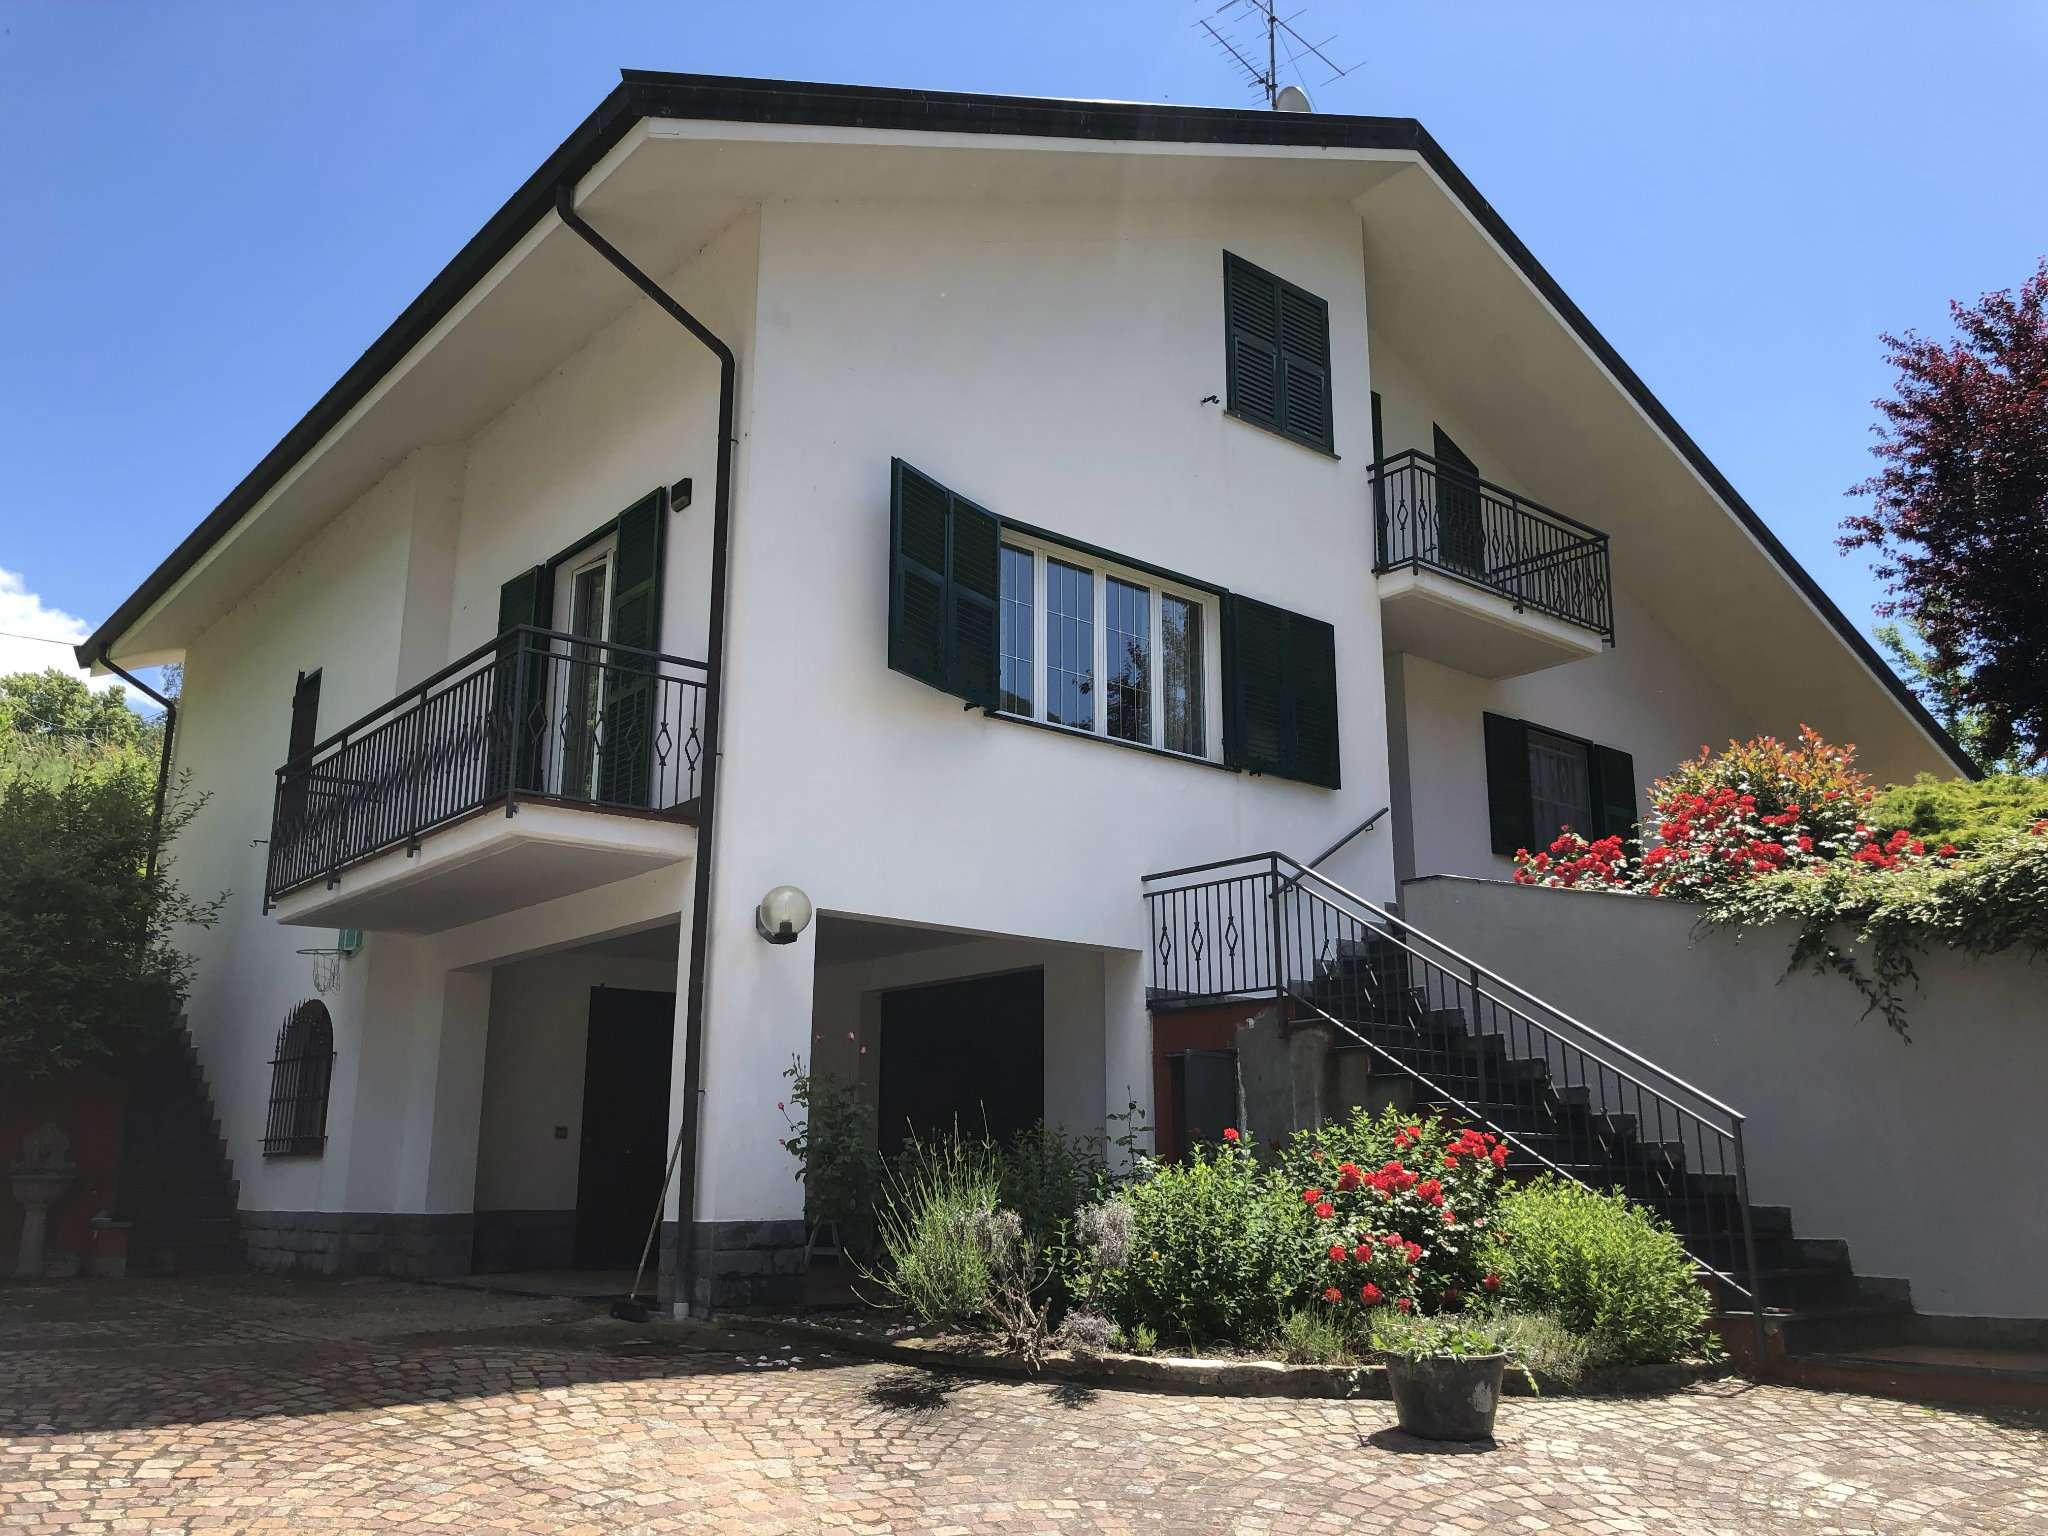 Villa in vendita a Cantalupo Ligure, 9999 locali, prezzo € 470.000 | PortaleAgenzieImmobiliari.it